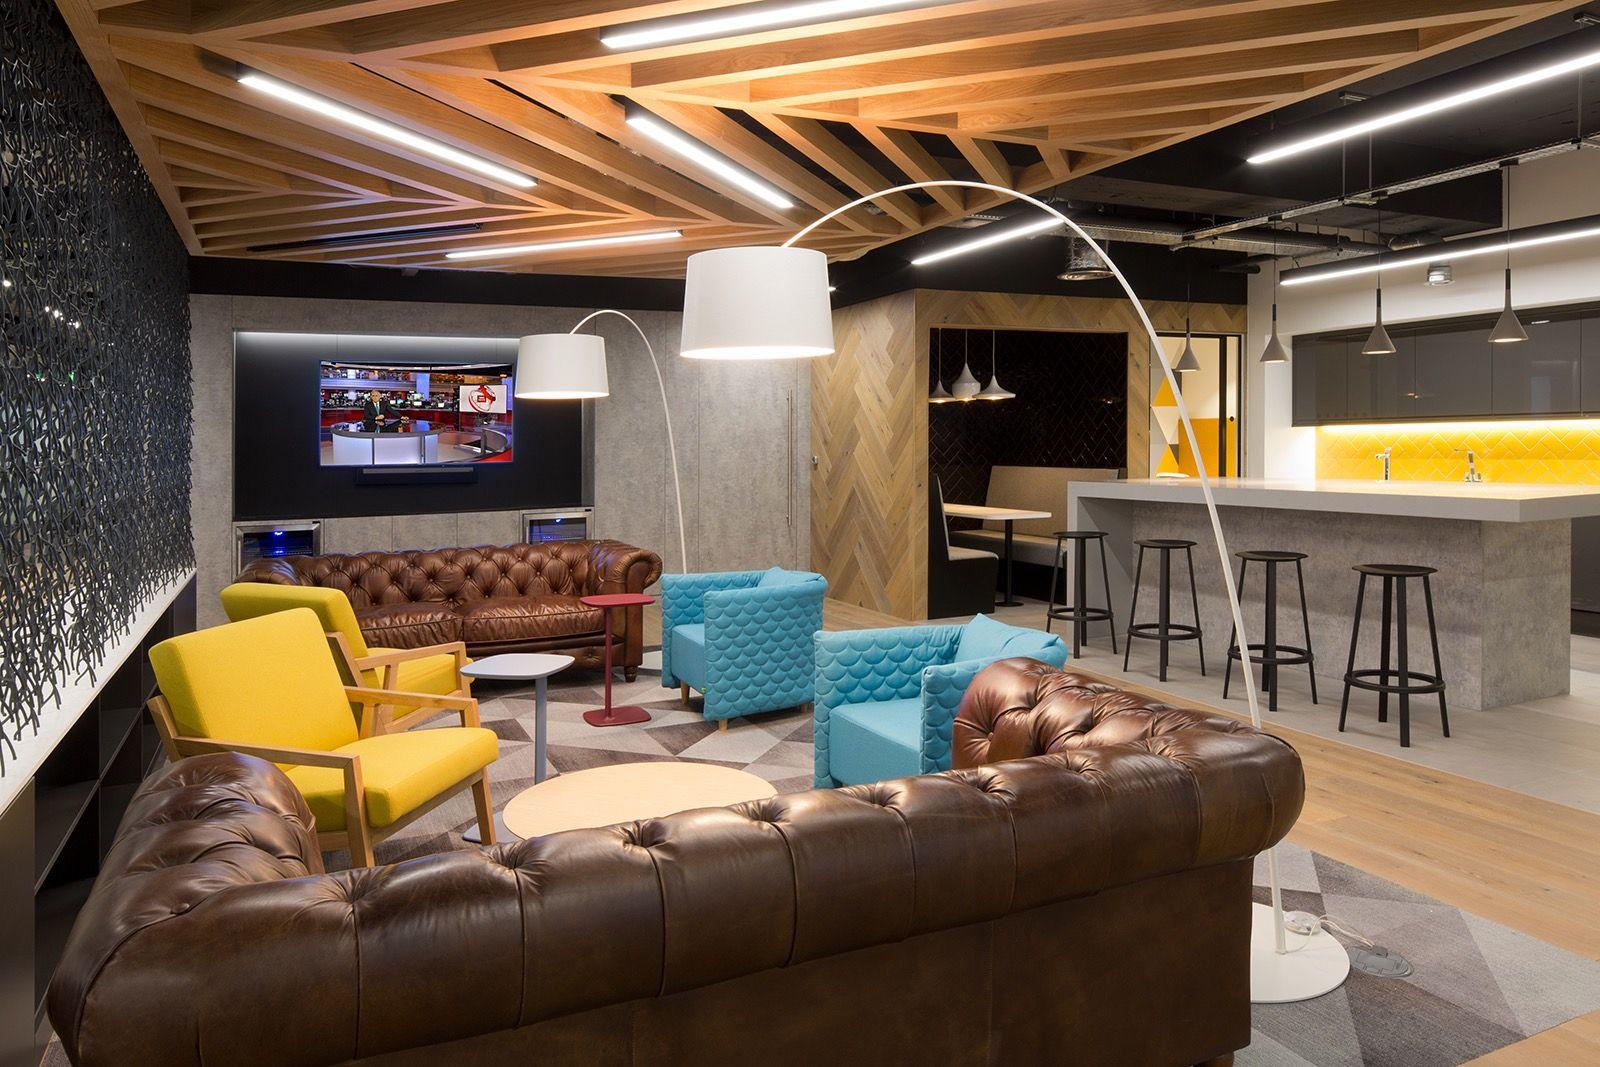 Inside Dtre S New London Office Office Design Trends Modern Office Design Office Design Inspiration